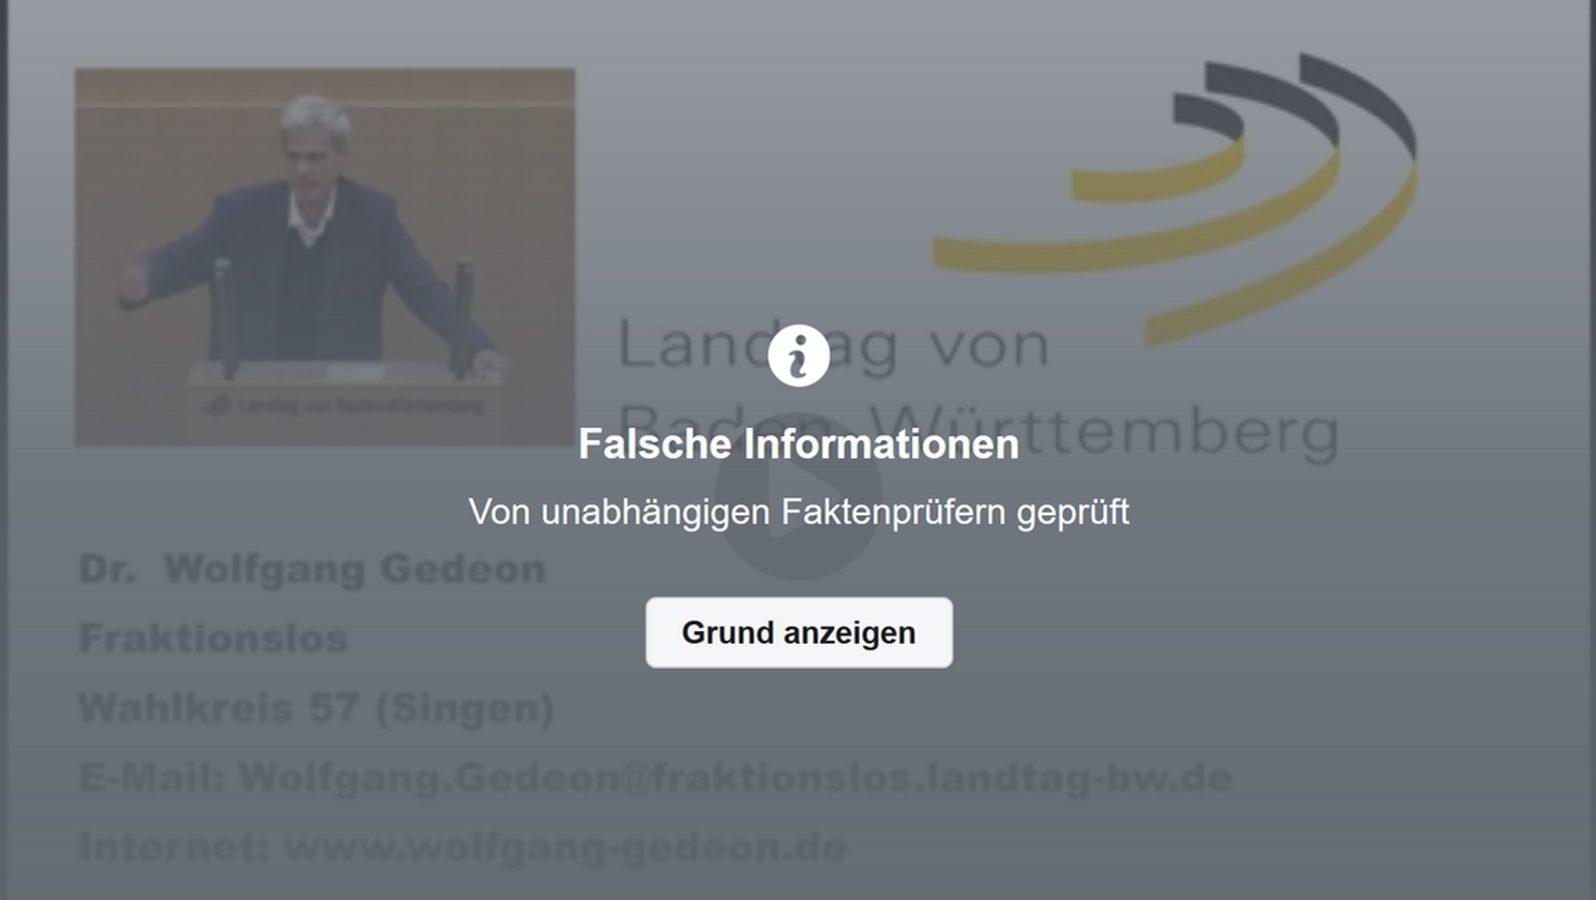 So sieht ein Faktencheck auf Facebook aus. In dem Fall wurden Aussagen des Ex-AfD-Politikers Wolfgang Gedeon über das Corona-Virus als falsch bewertet.